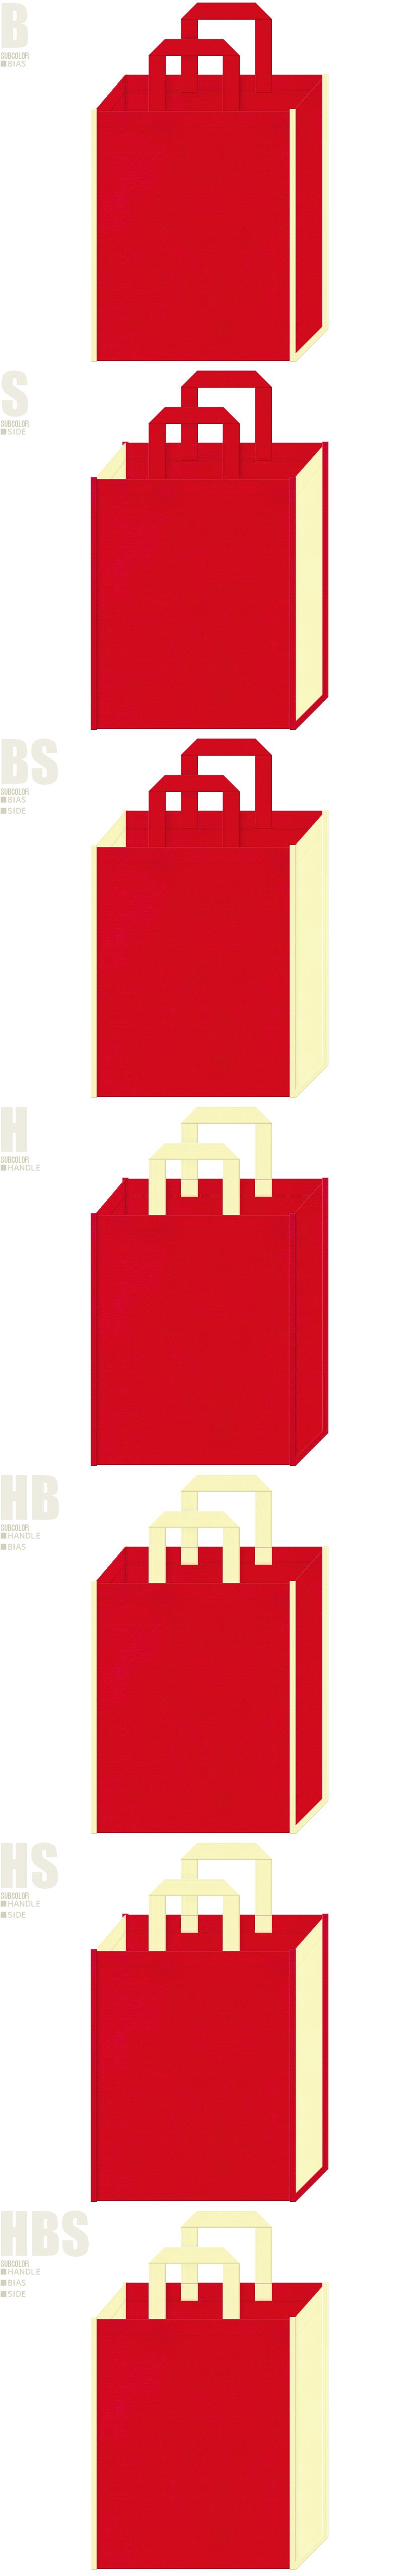 パスタ・ミートソース・トマトケチャップ・タバスコ・チーズ・宅配ピザ・ひな祭り・和風催事にお奨めの不織布バッグデザイン:紅色と薄黄色の配色7パターン